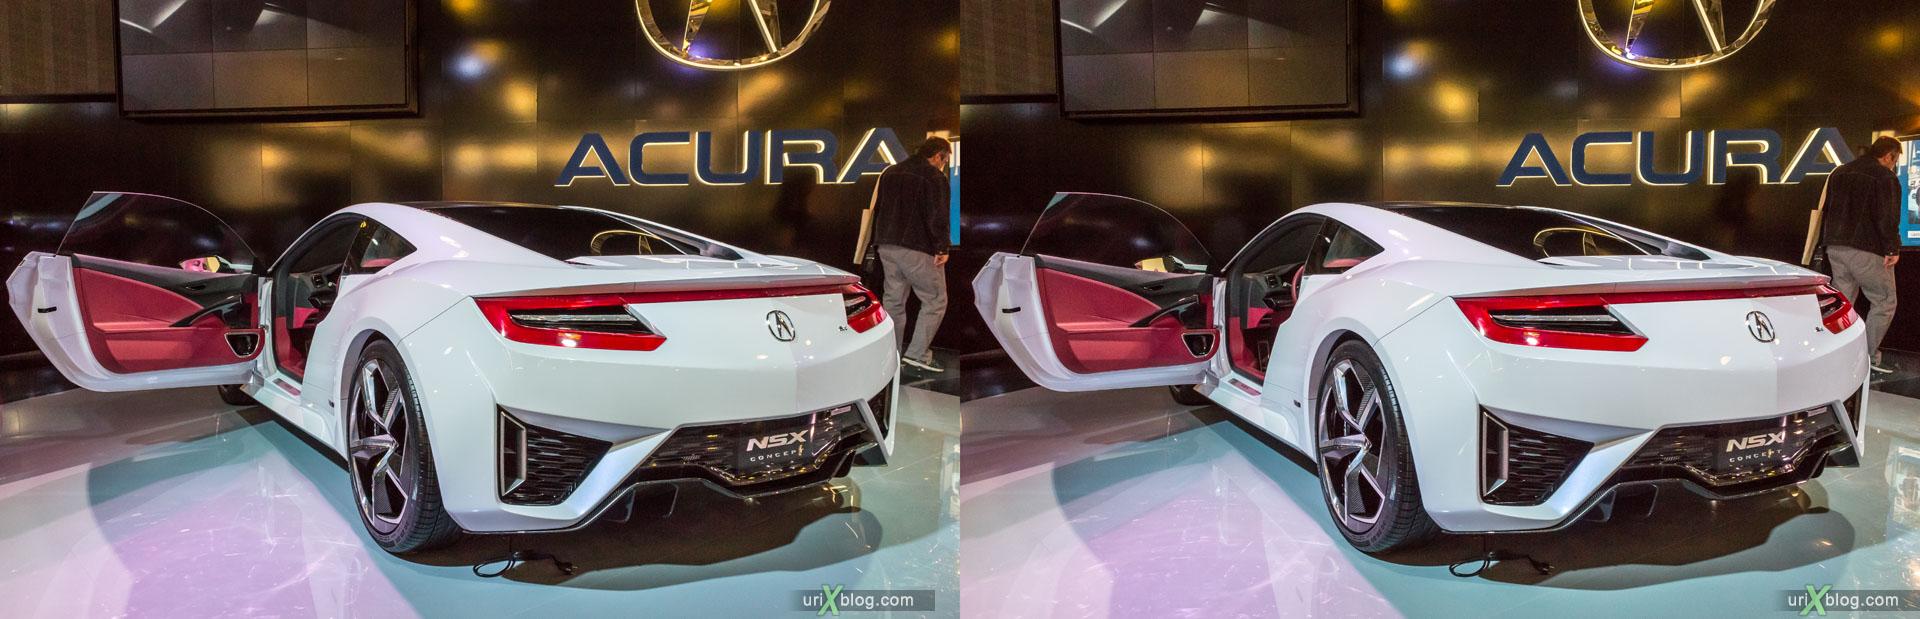 Acura NSX Concept, ММАС 2014, Московский Международный Автомобильный Салон 2014, Крокус Экспо, машина, автомобиль, девушка, модель, женщина, выставка, Москва, Россия, 3D, перекрёстная стереопара, стерео, стереопара, 2014